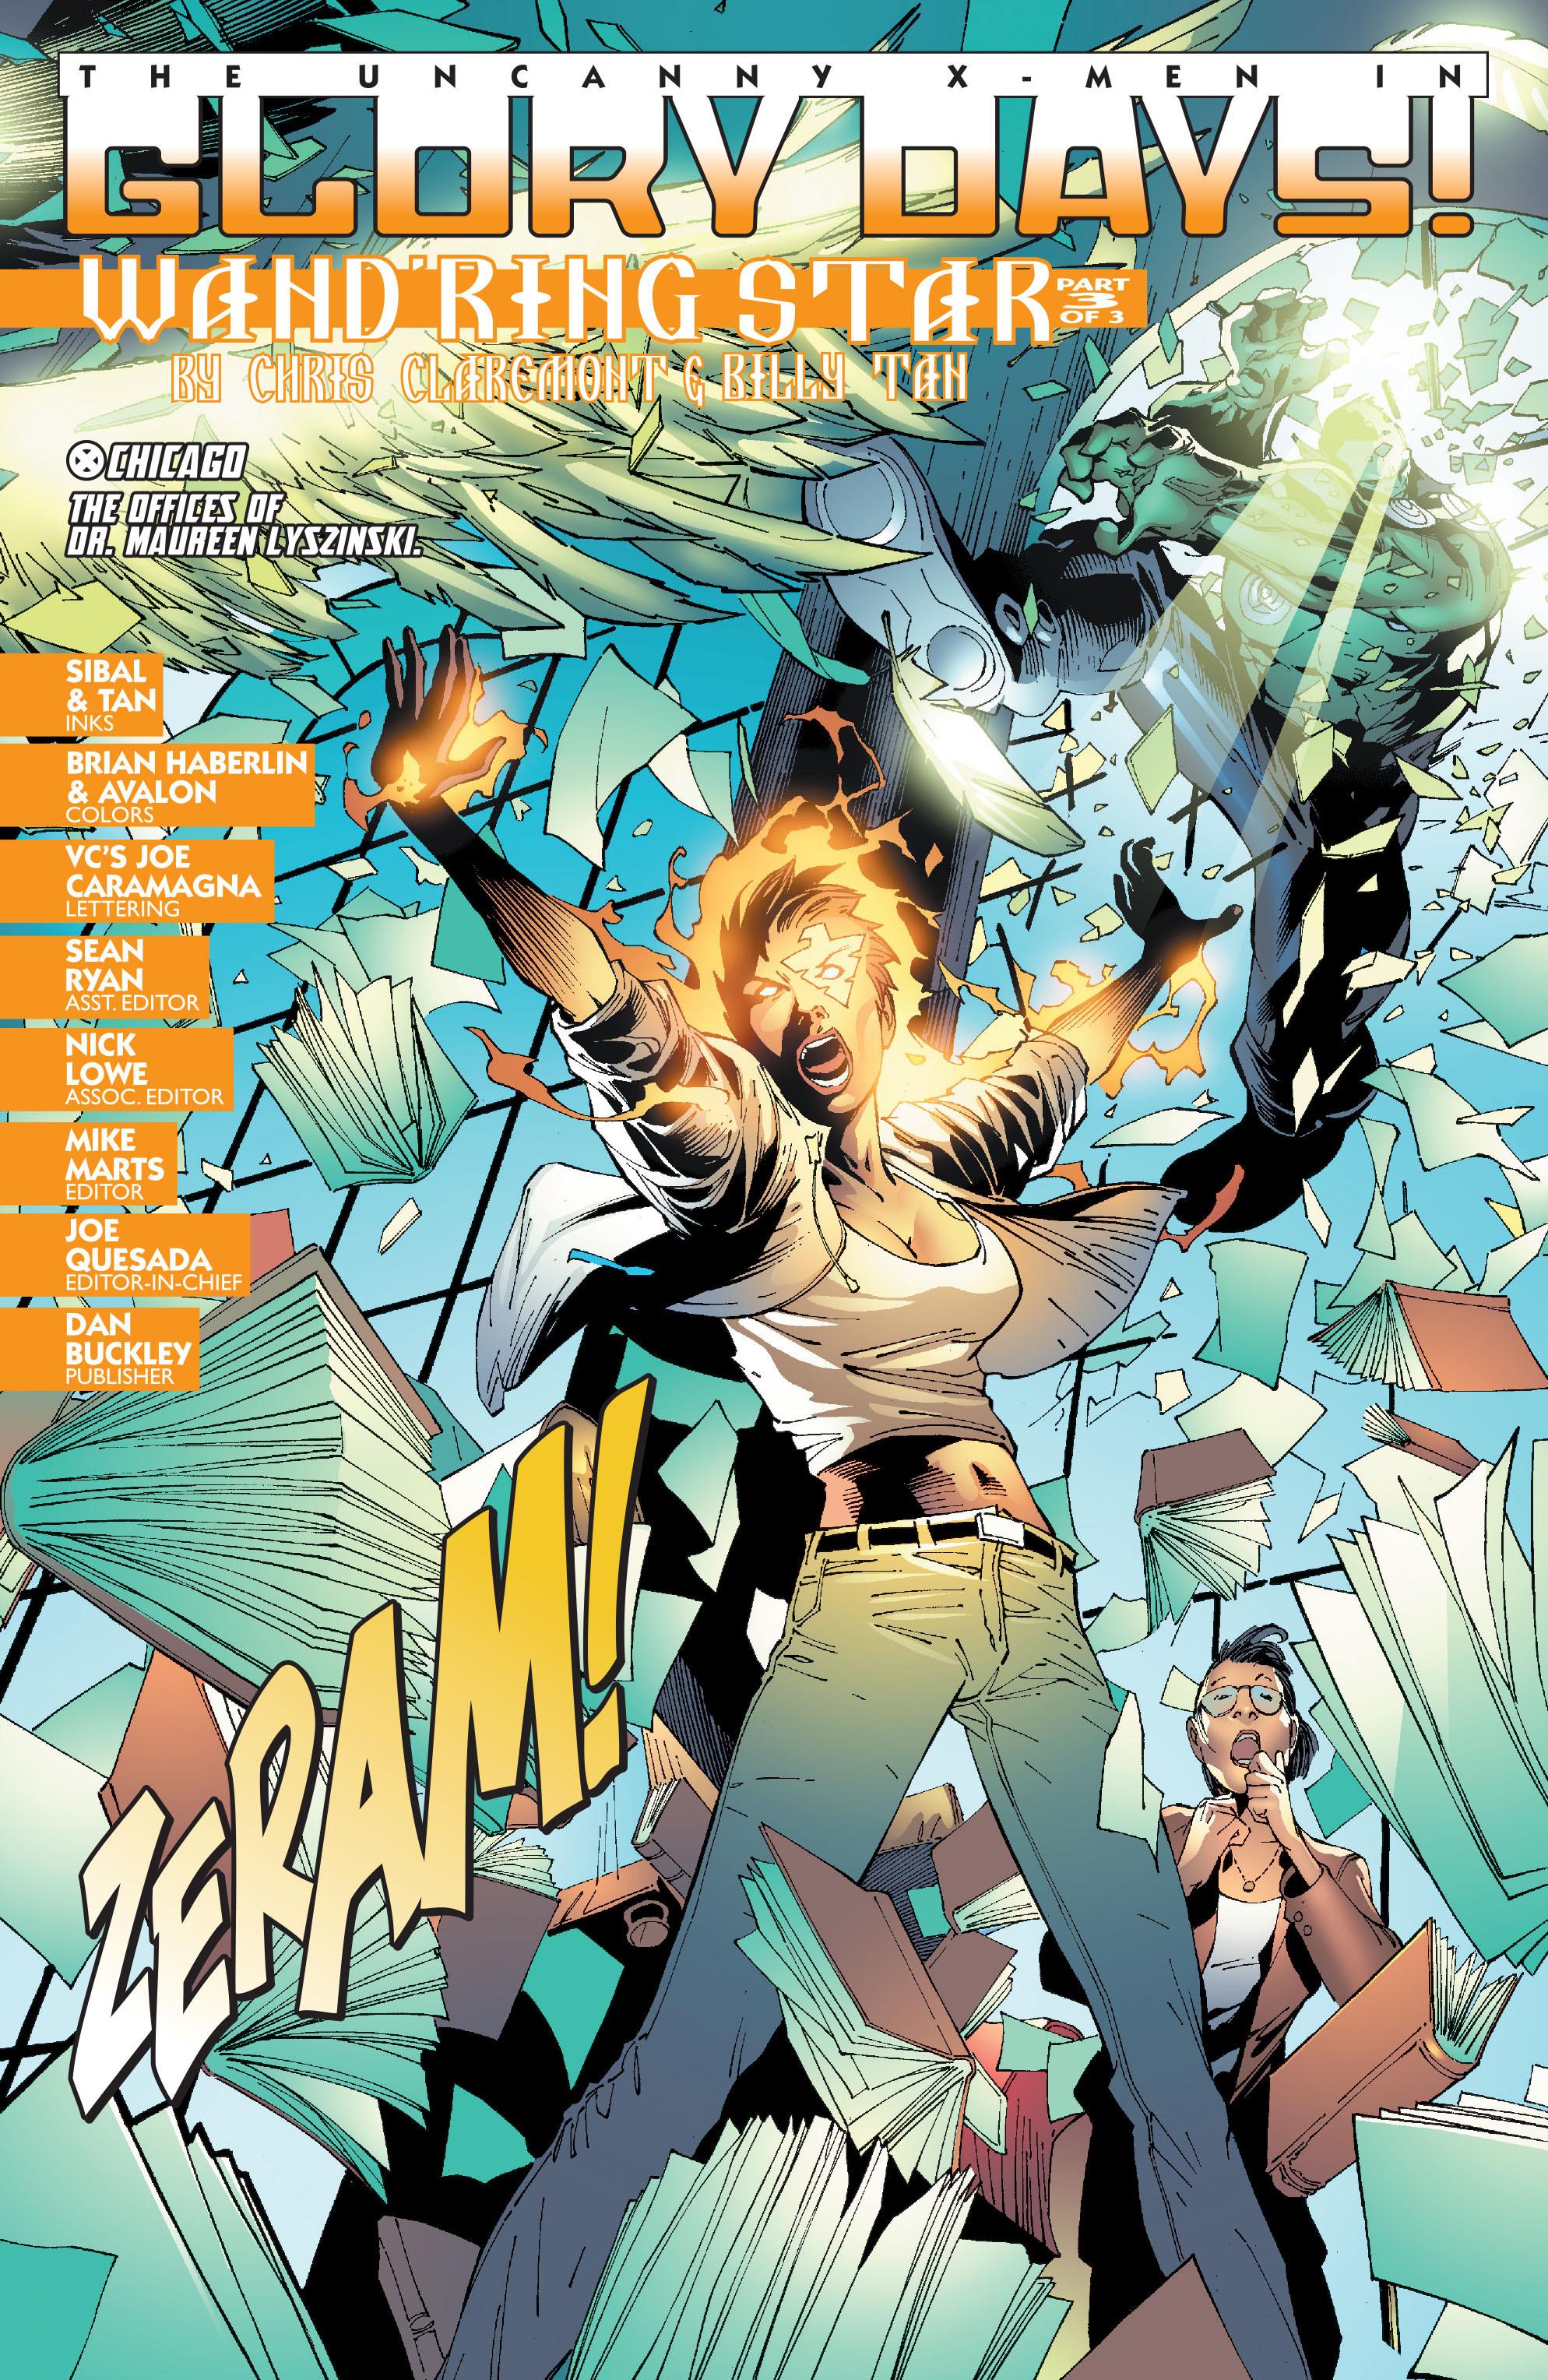 Read online Uncanny X-Men (1963) comic -  Issue #471 - 5